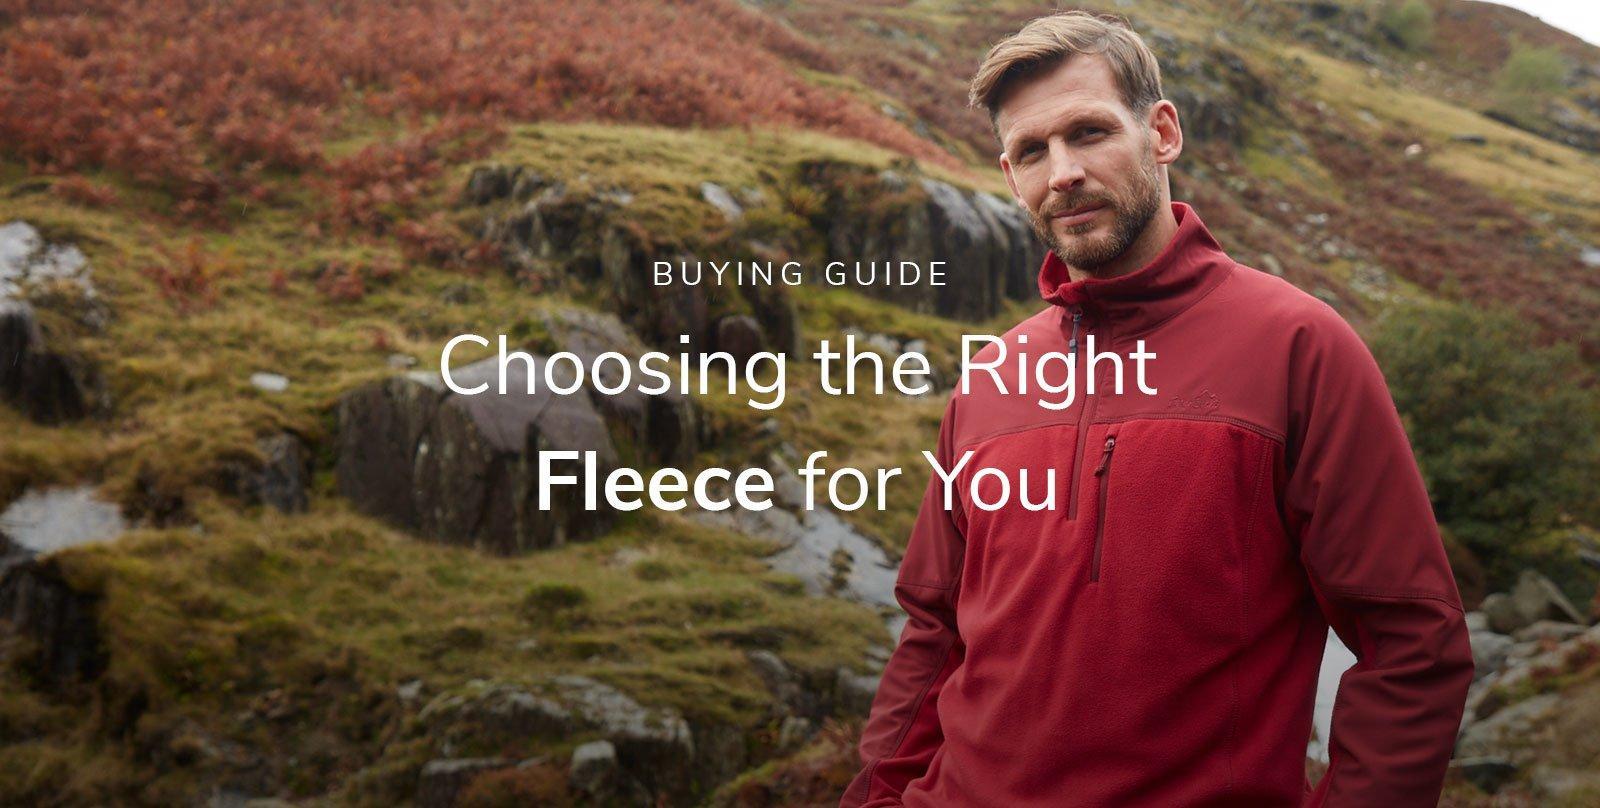 Fleece Buying Guide